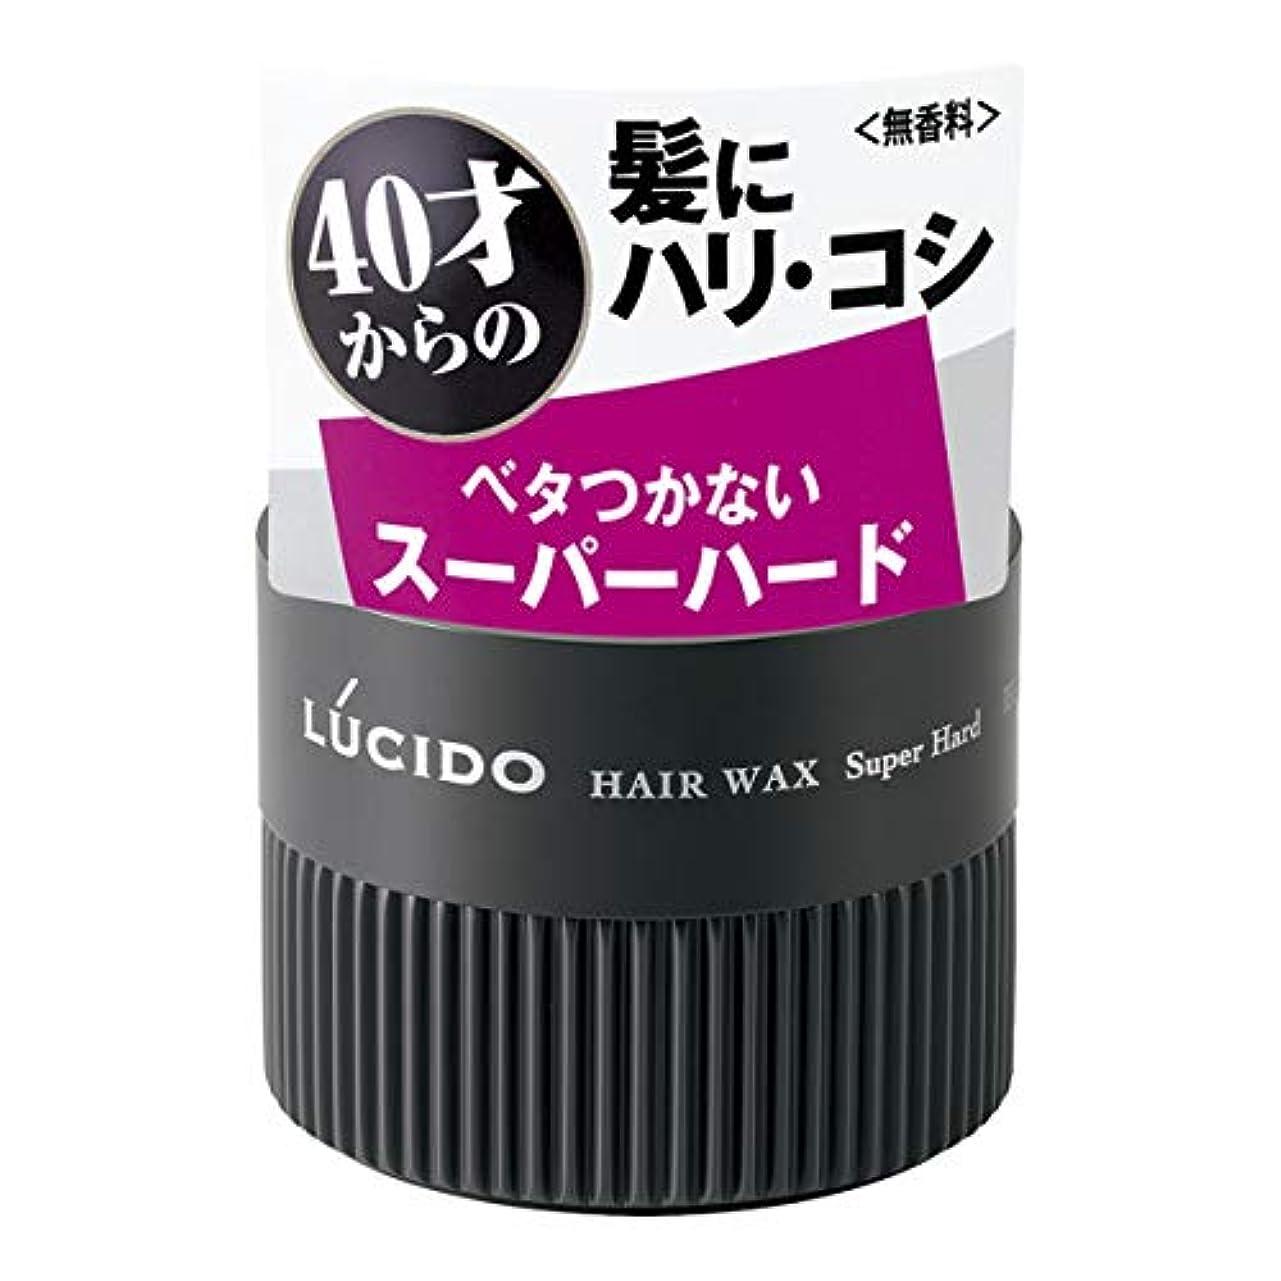 食い違いヒギンズ変なLUCIDO(ルシード) ヘアワックス スーパーハード 80g